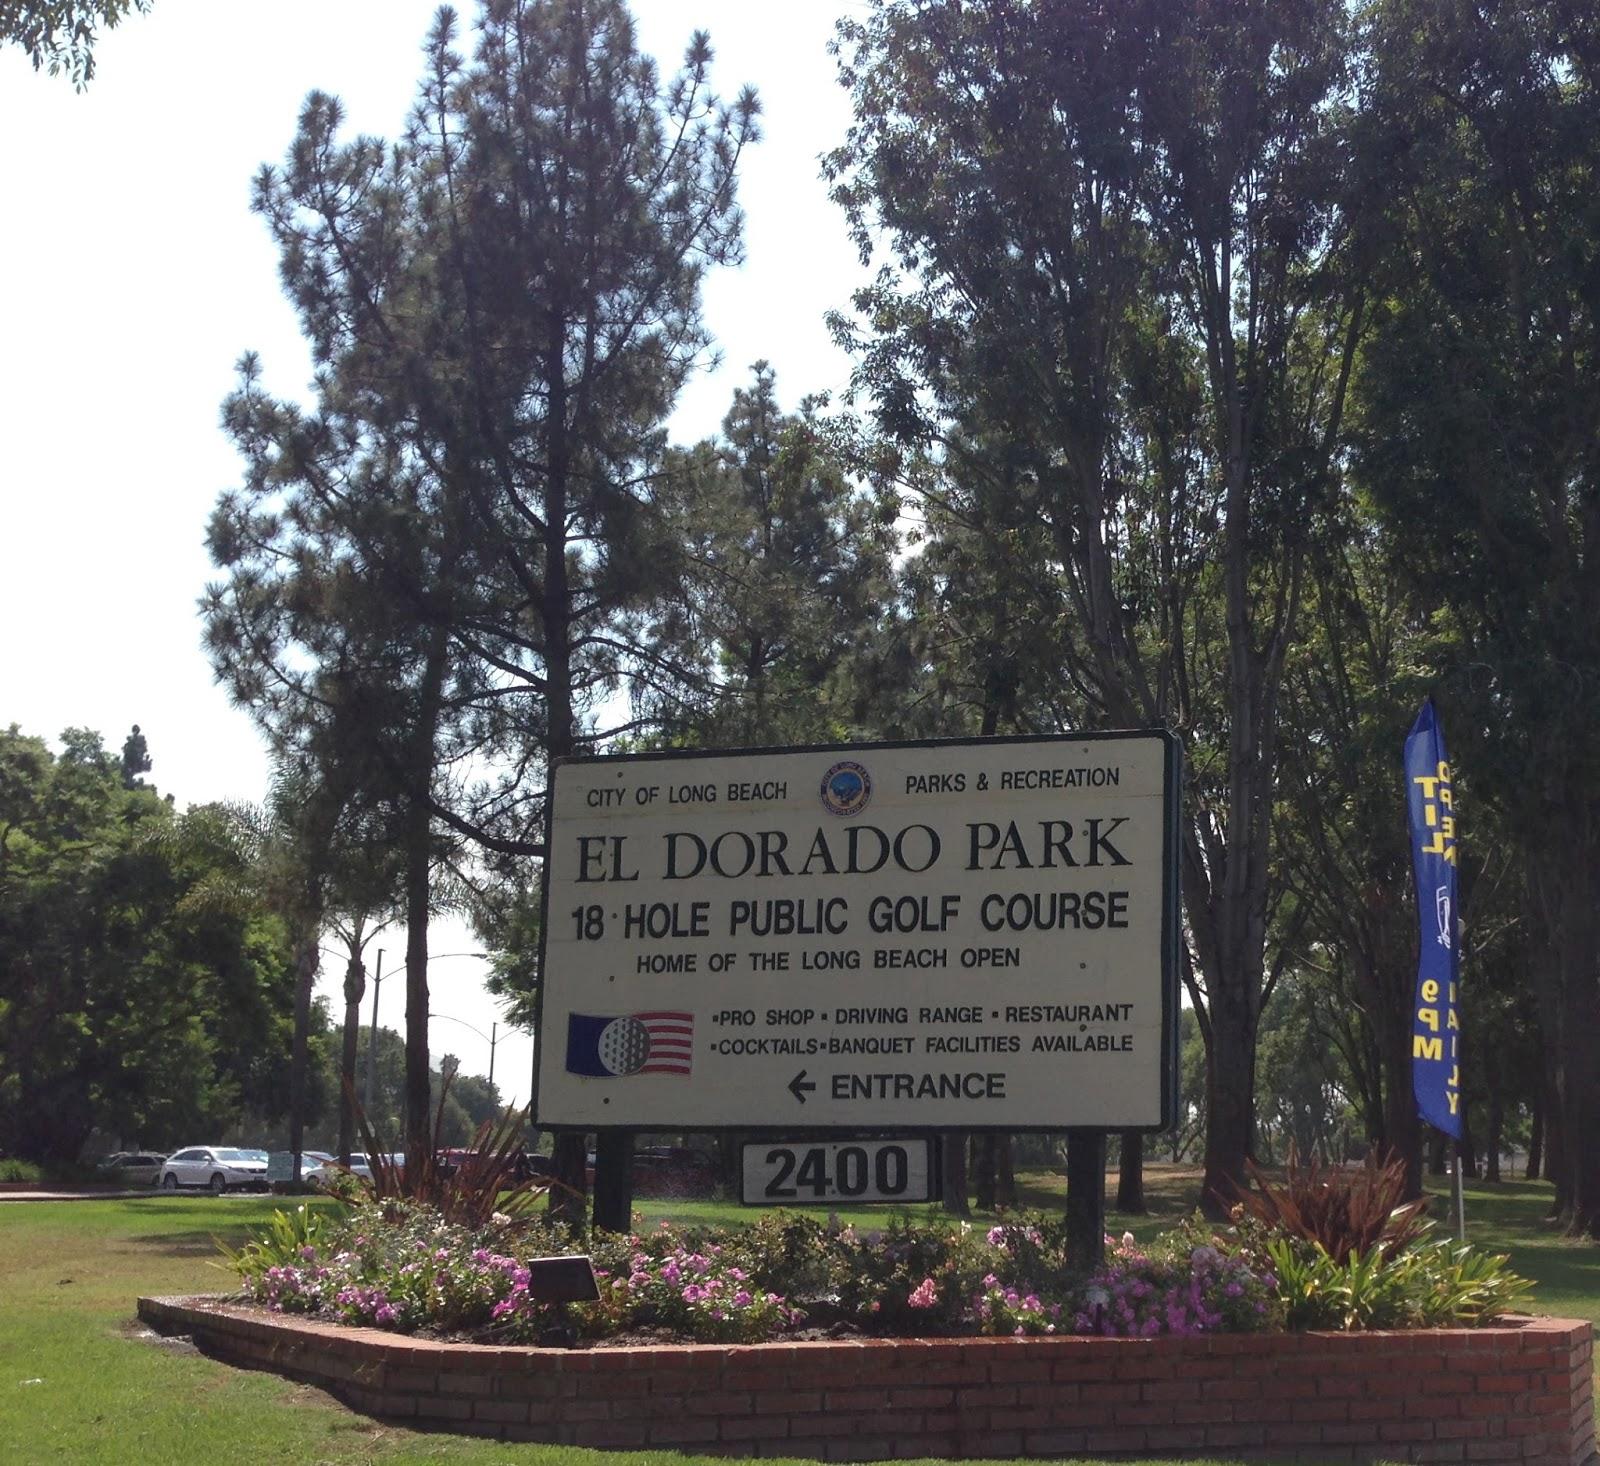 El Dorado Park Golf Course Is Home To The Long Beach Open